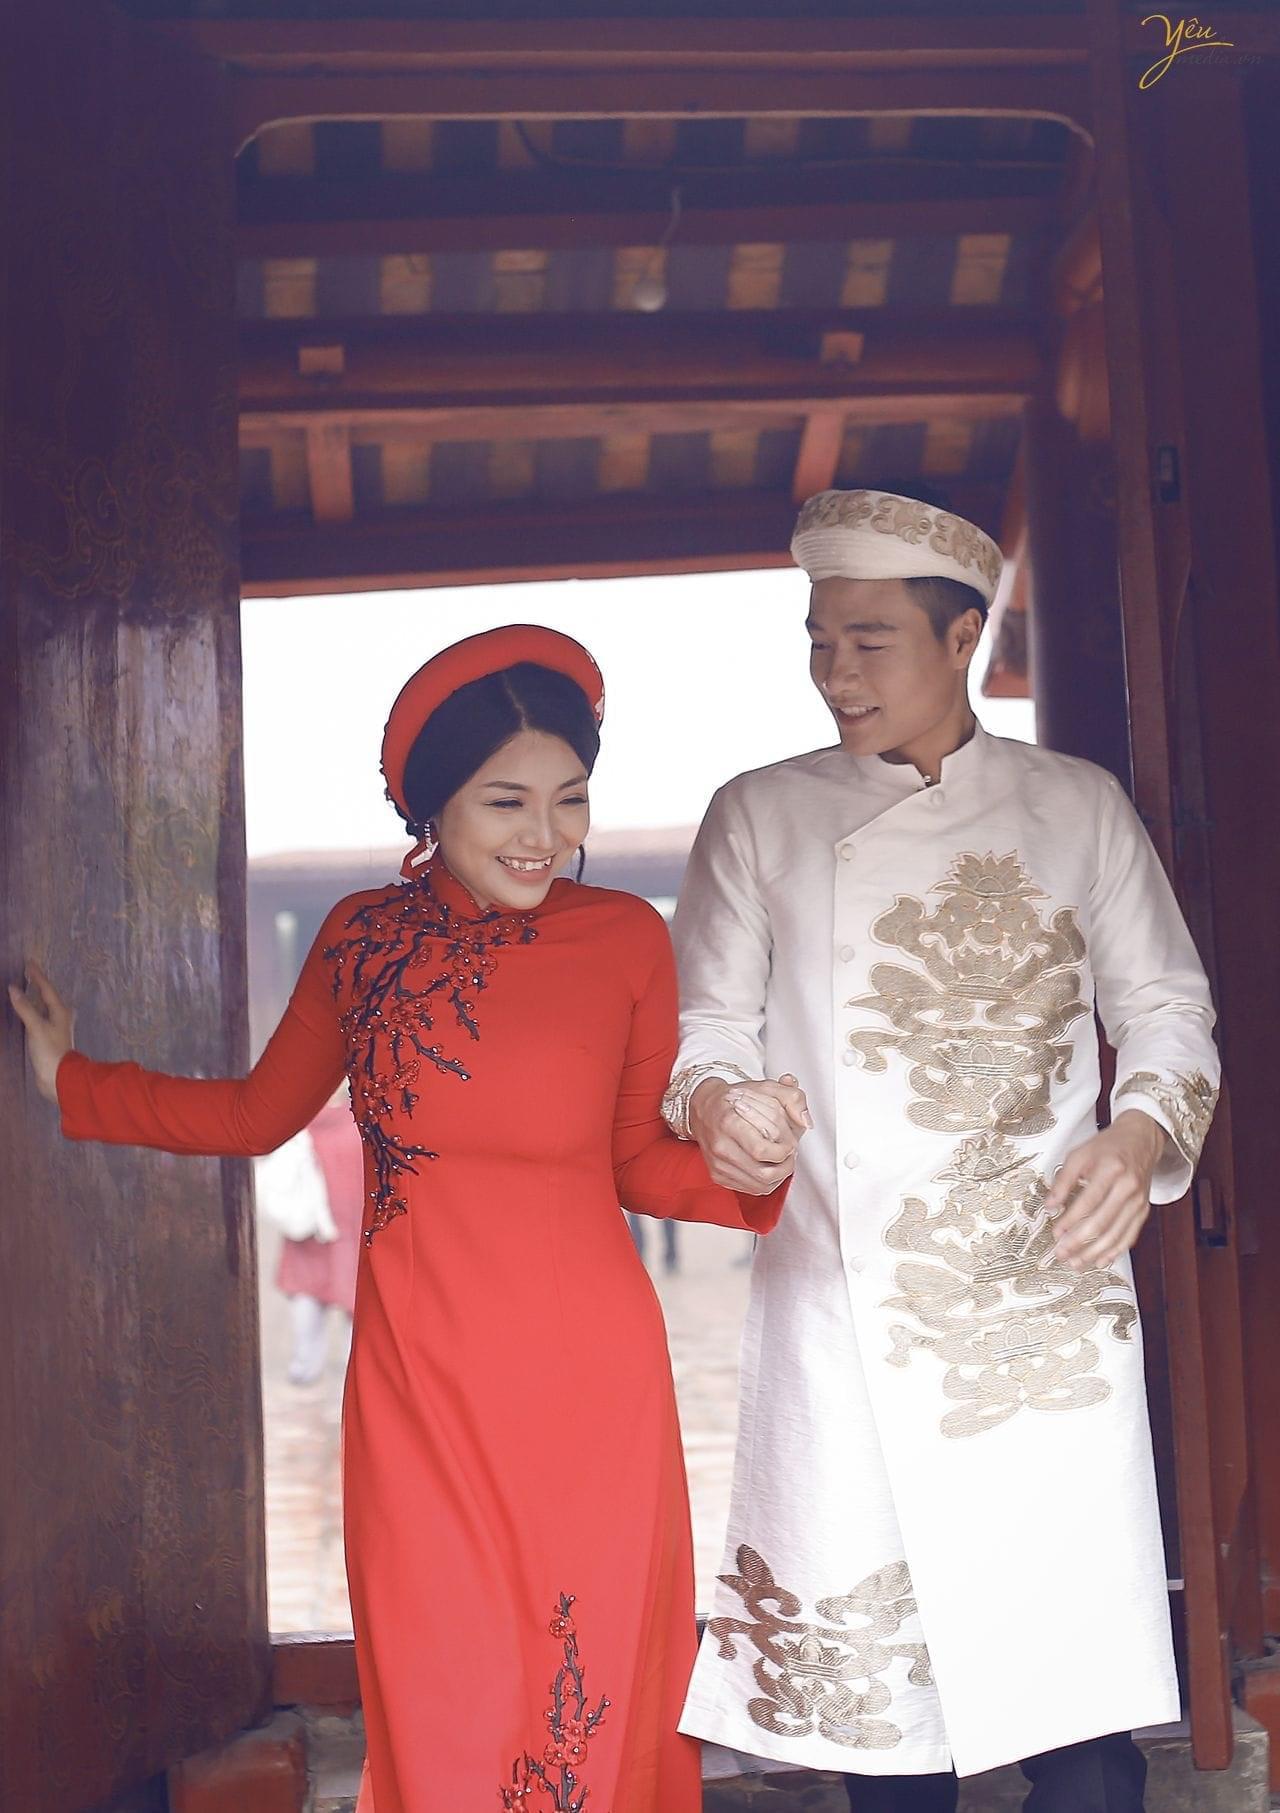 ảnh chụp cưới áo dài truyền thống cô dâu chú rể nắm tay bước qua bậc thềm